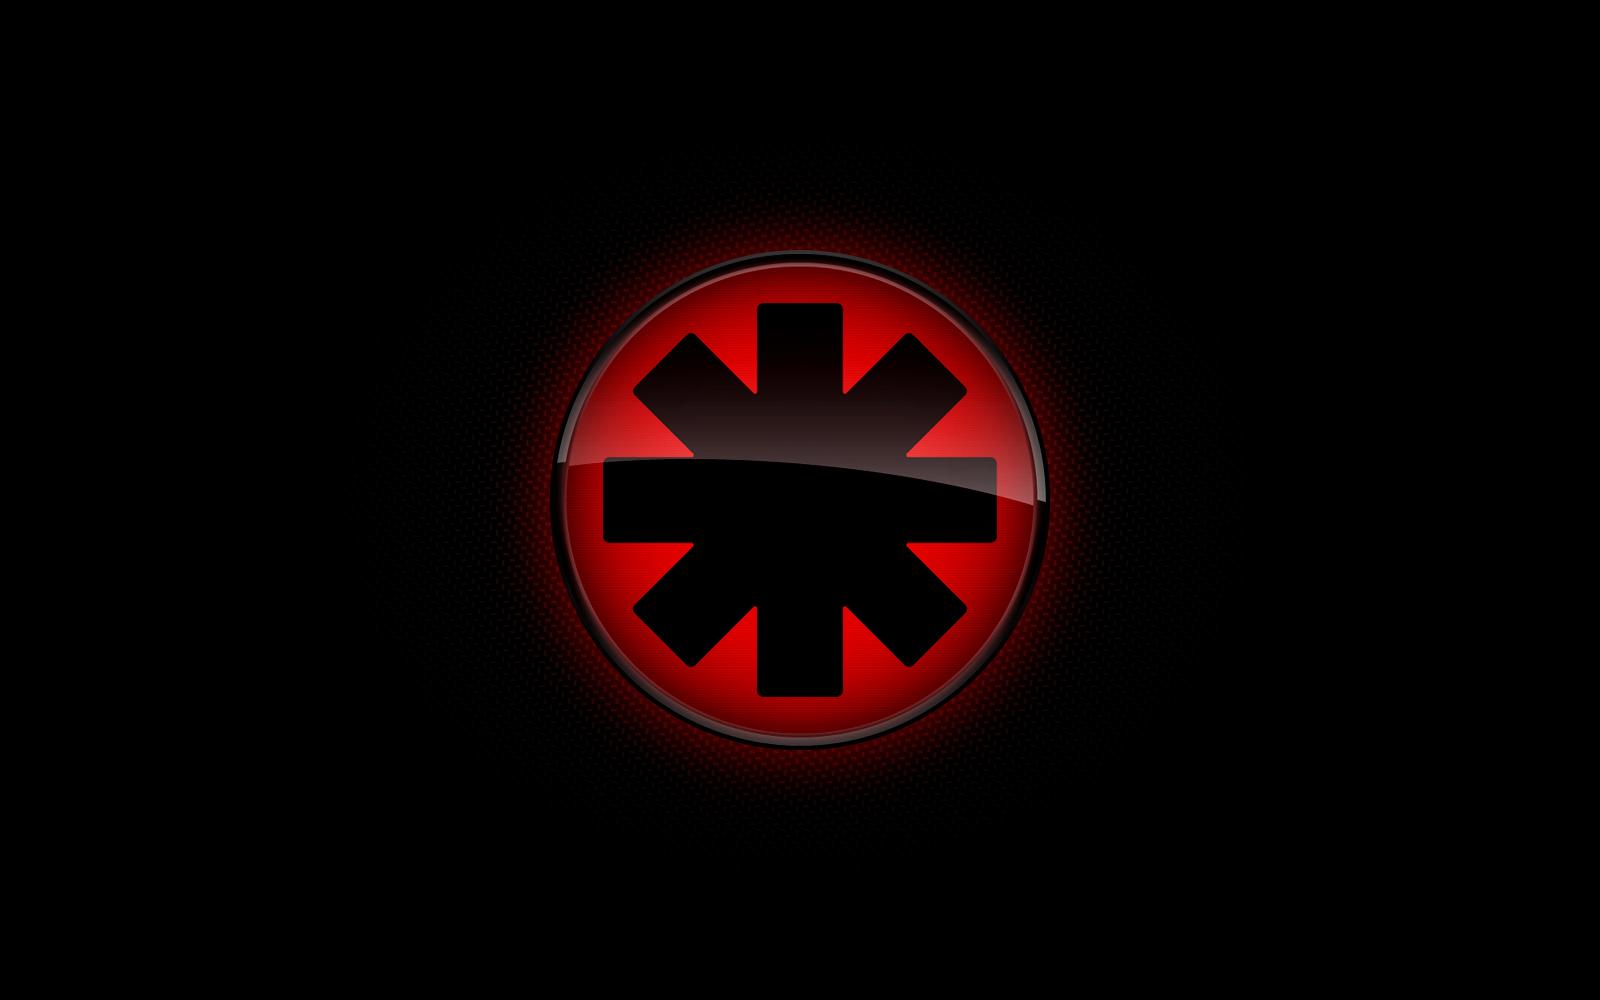 http://3.bp.blogspot.com/-YIYscwUh6rs/TzL73RHF6AI/AAAAAAAAAkQ/TE3RoD2it4s/s1600/Red_a_Chili_Peppers_Logo-Vvallpaper.Net.jpg